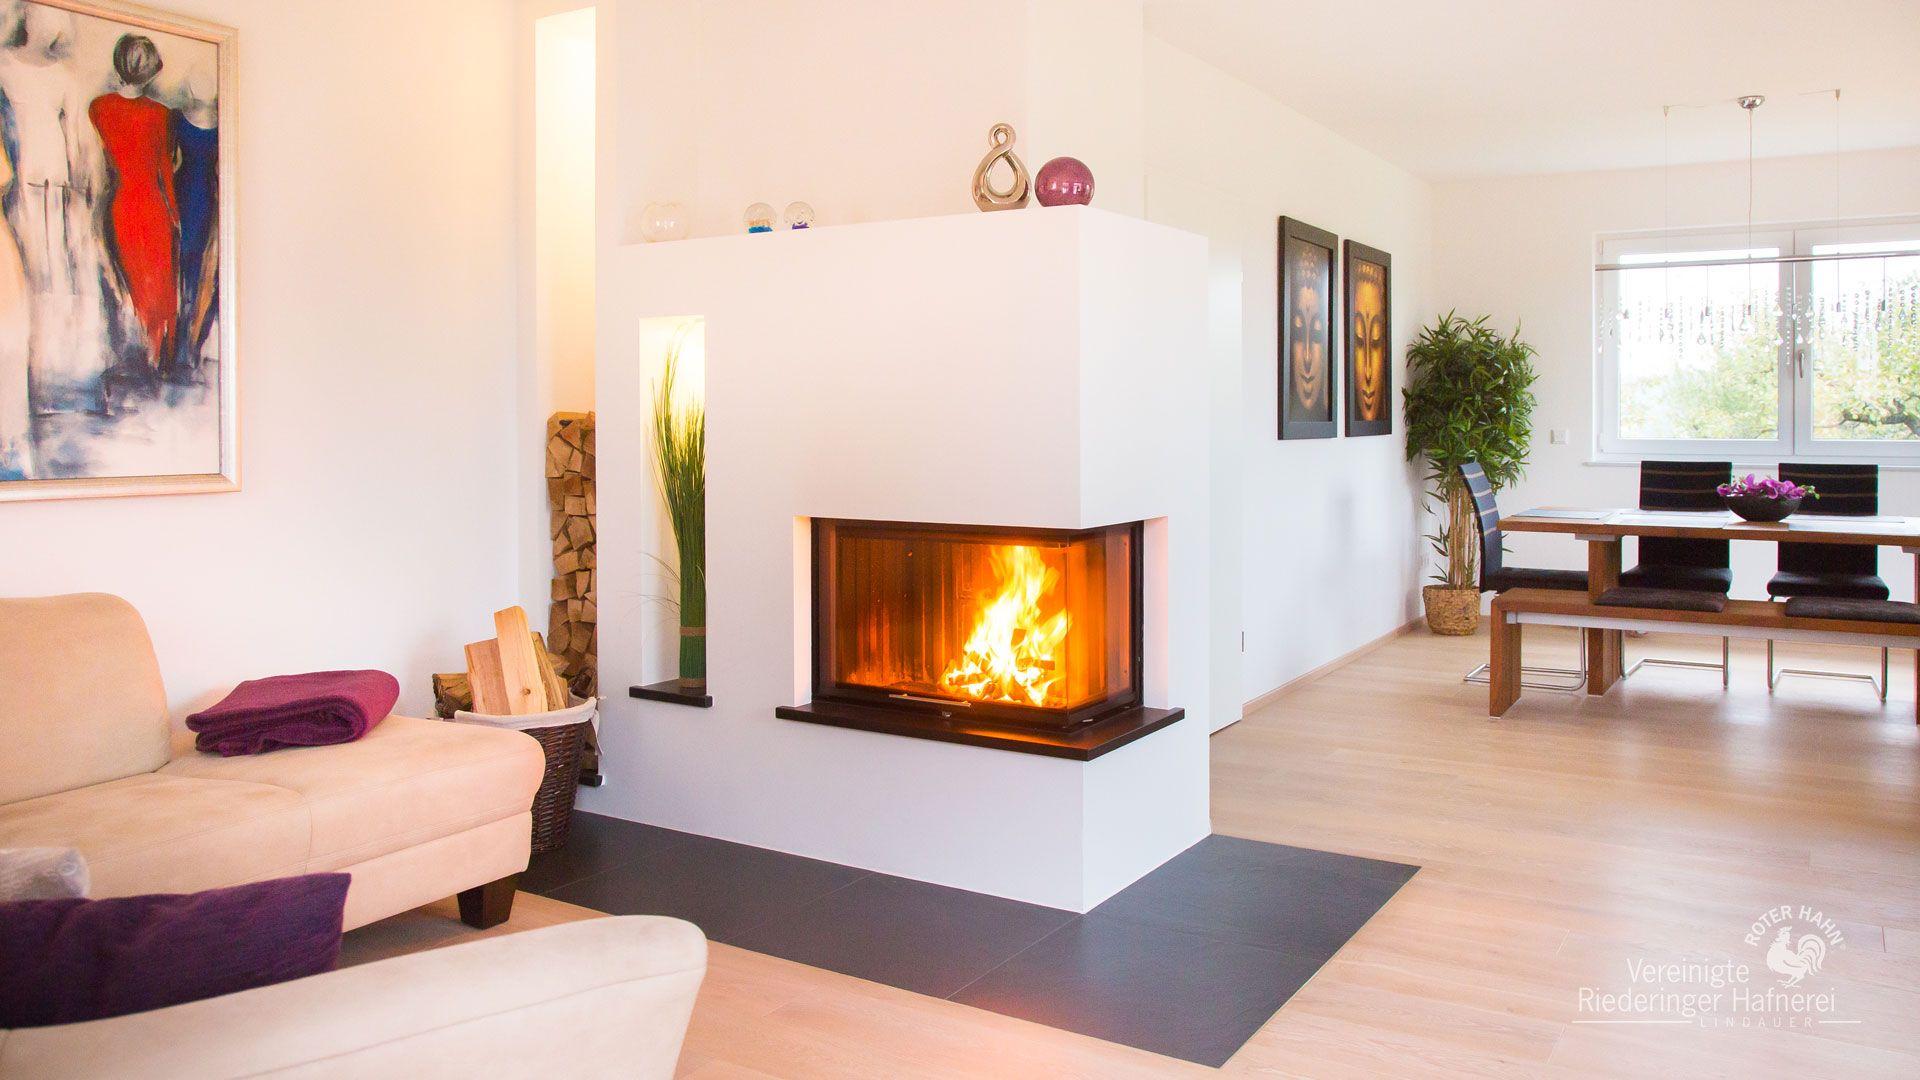 Moderne Kamine Wasserführende Kamine In München Und Ganz Bayern Oberbayern Heizkamin Kamin Modern Kamin Wohnzimmer